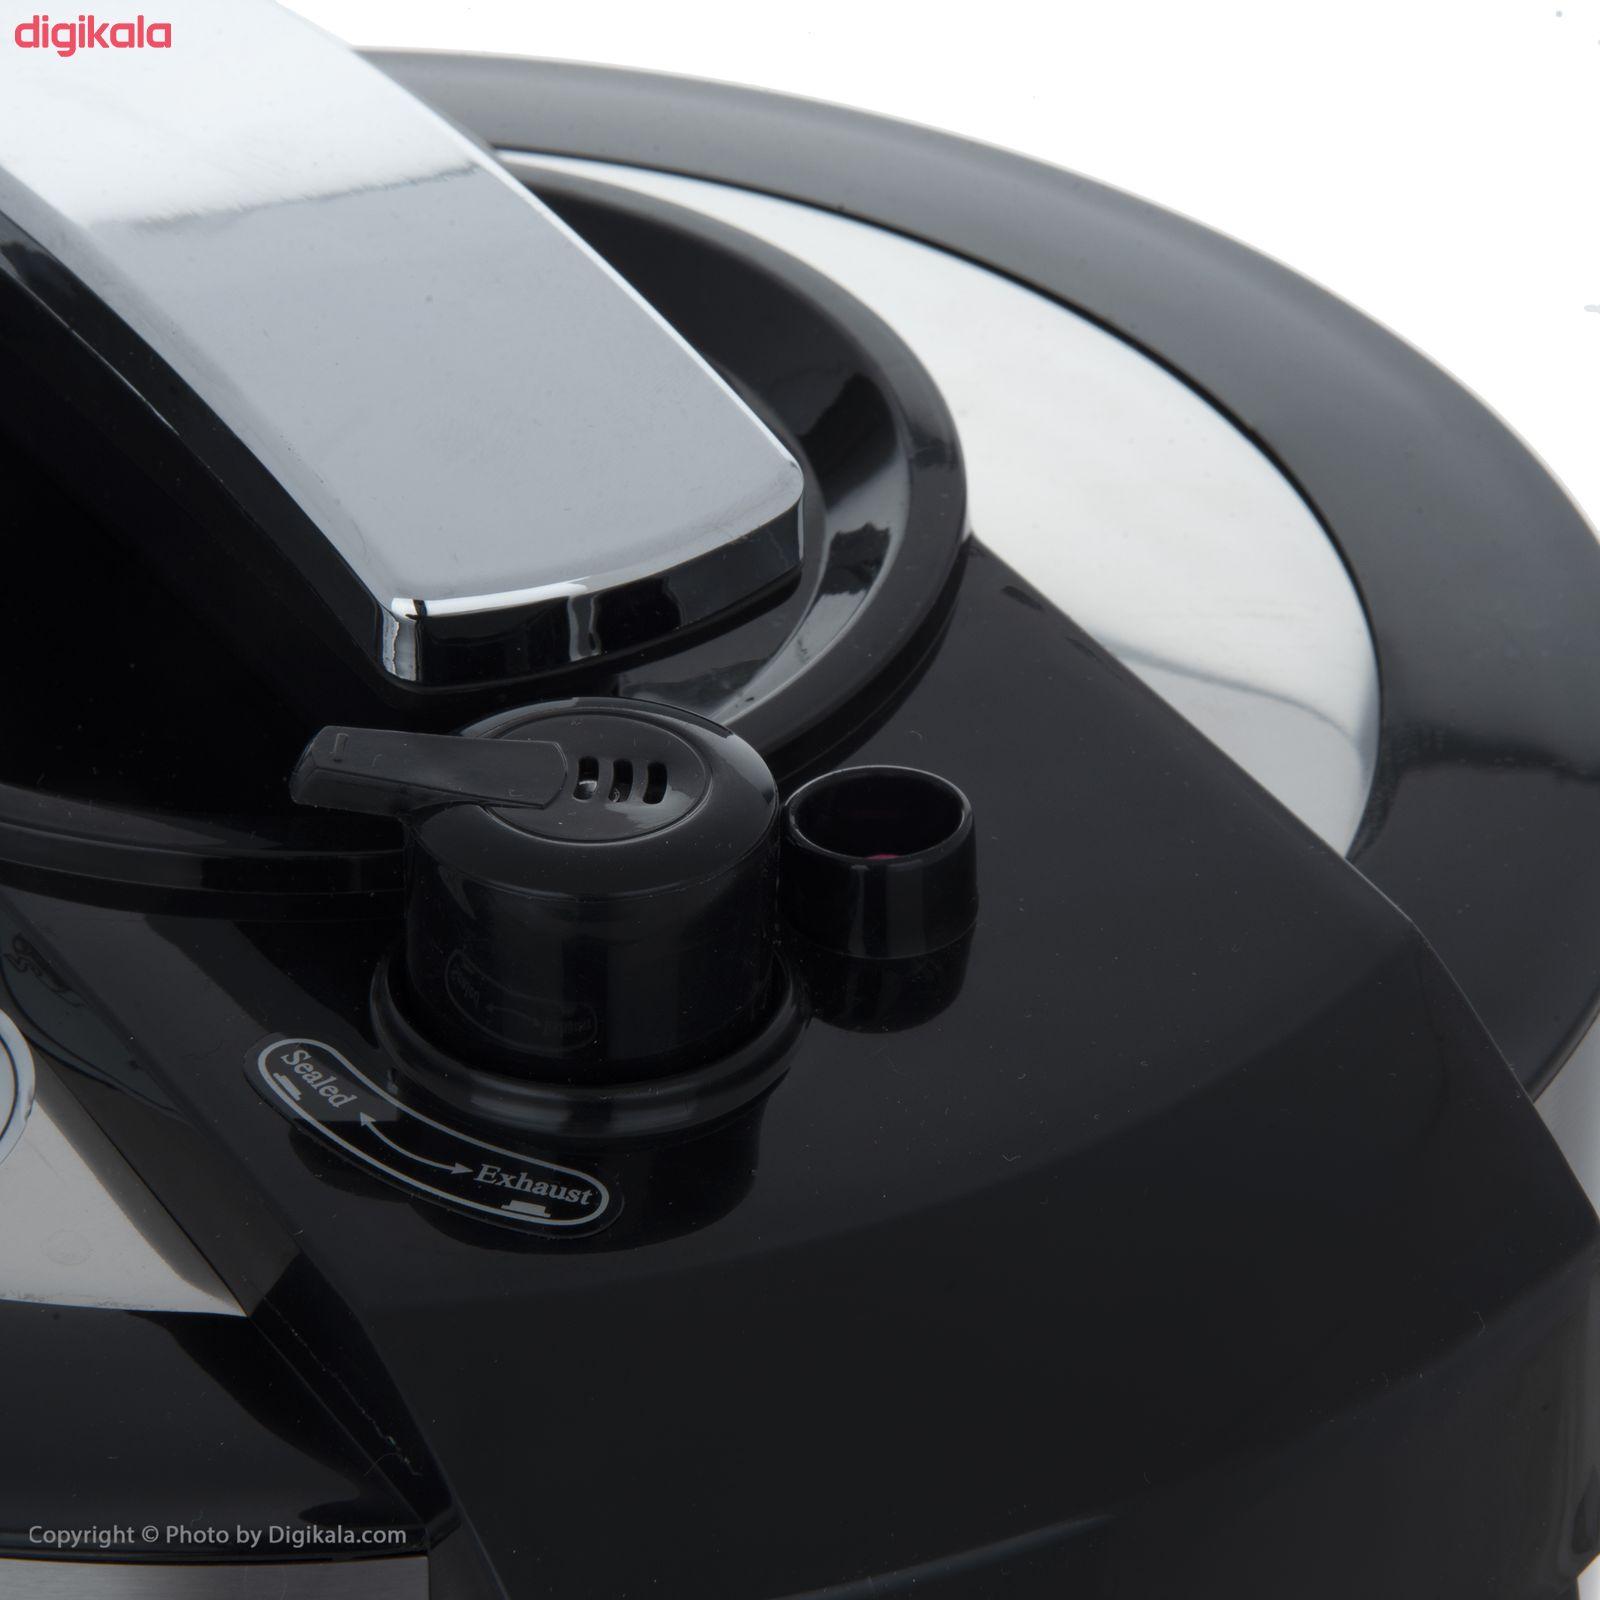 زود پز برقی هایسونگ مدل 5090  main 1 4